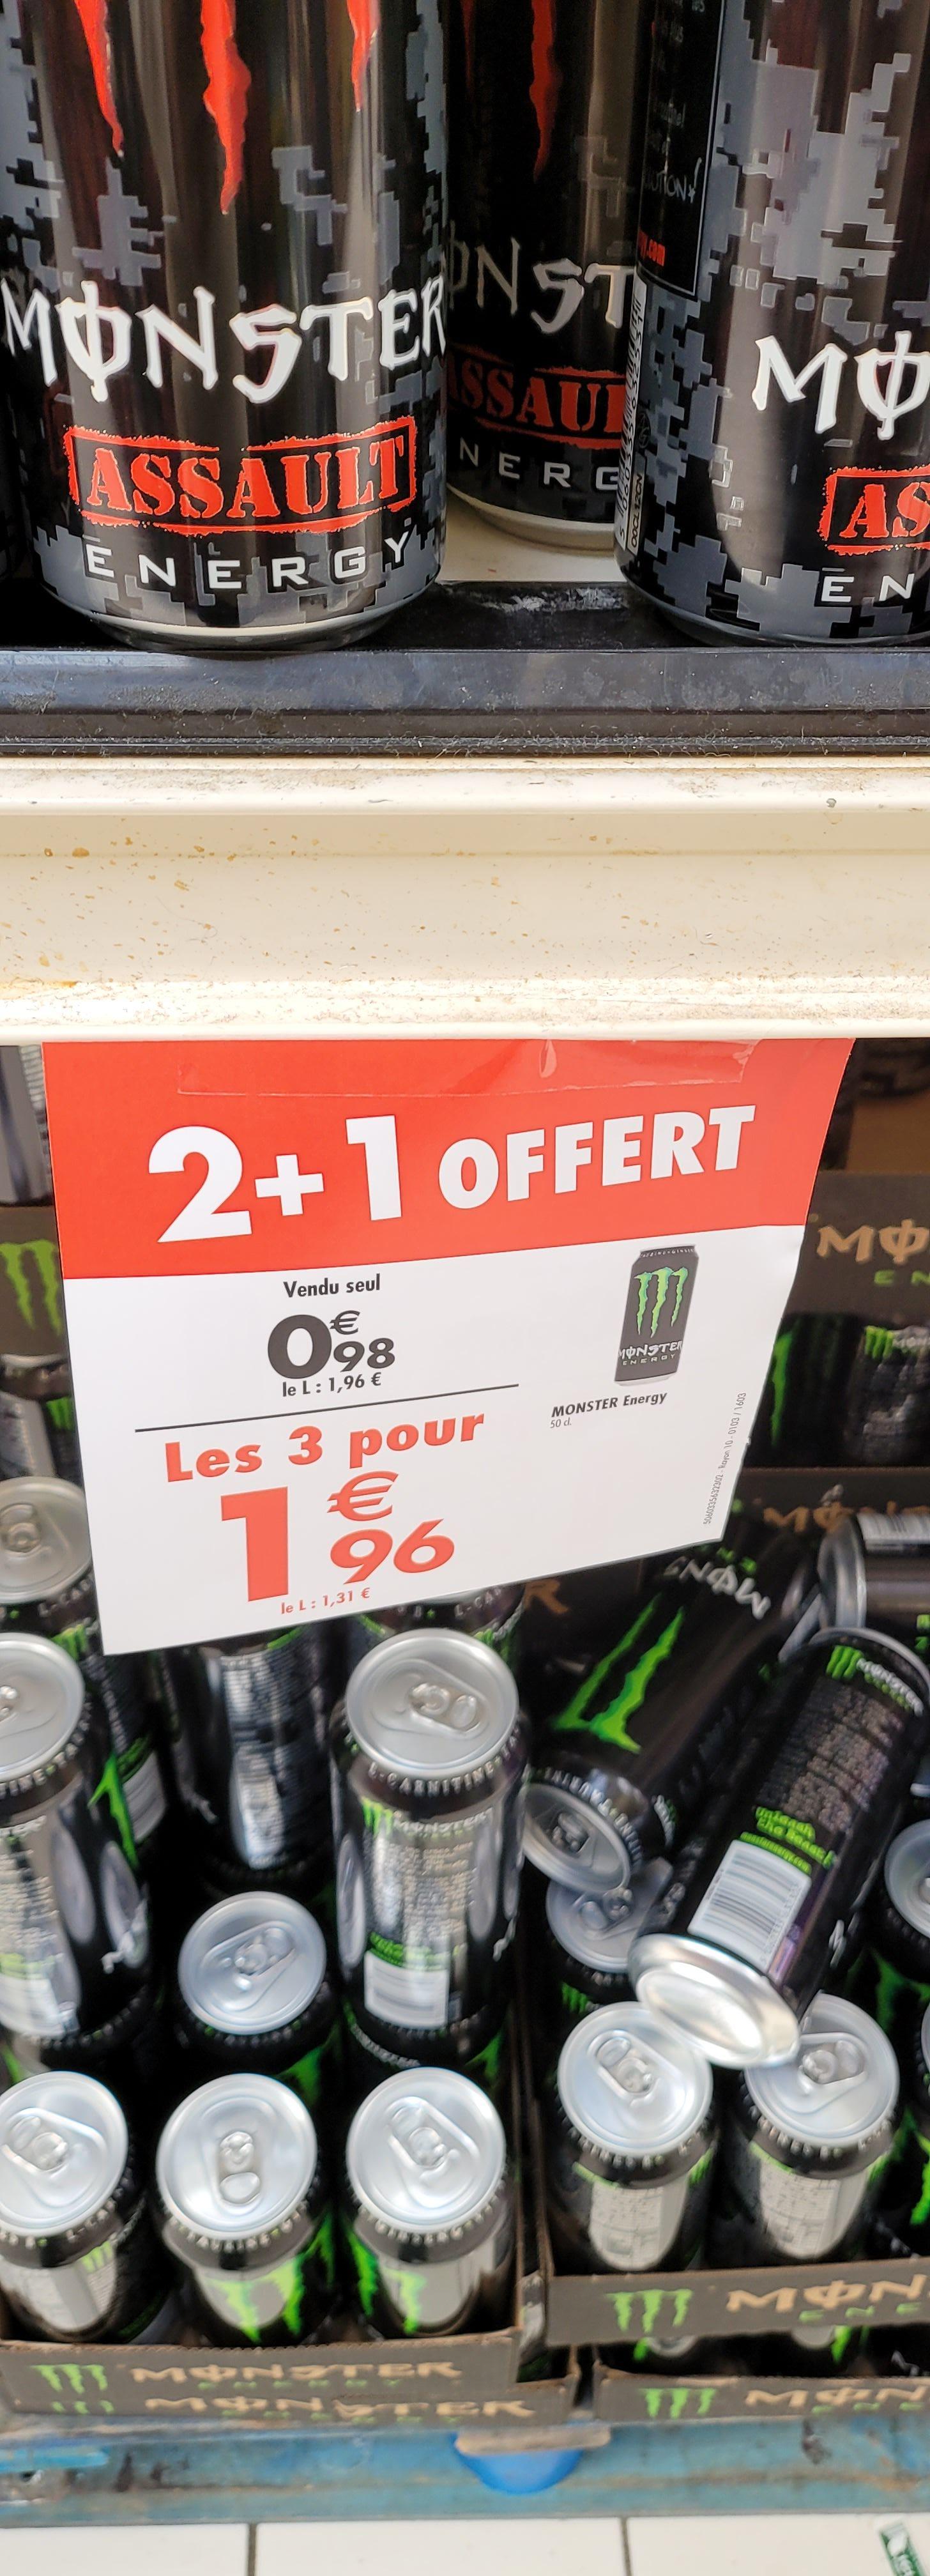 3 canettes de boisson énergétique Monster Energy 3 x 50cl - Bègles (33) / Mayol Toulon (83)